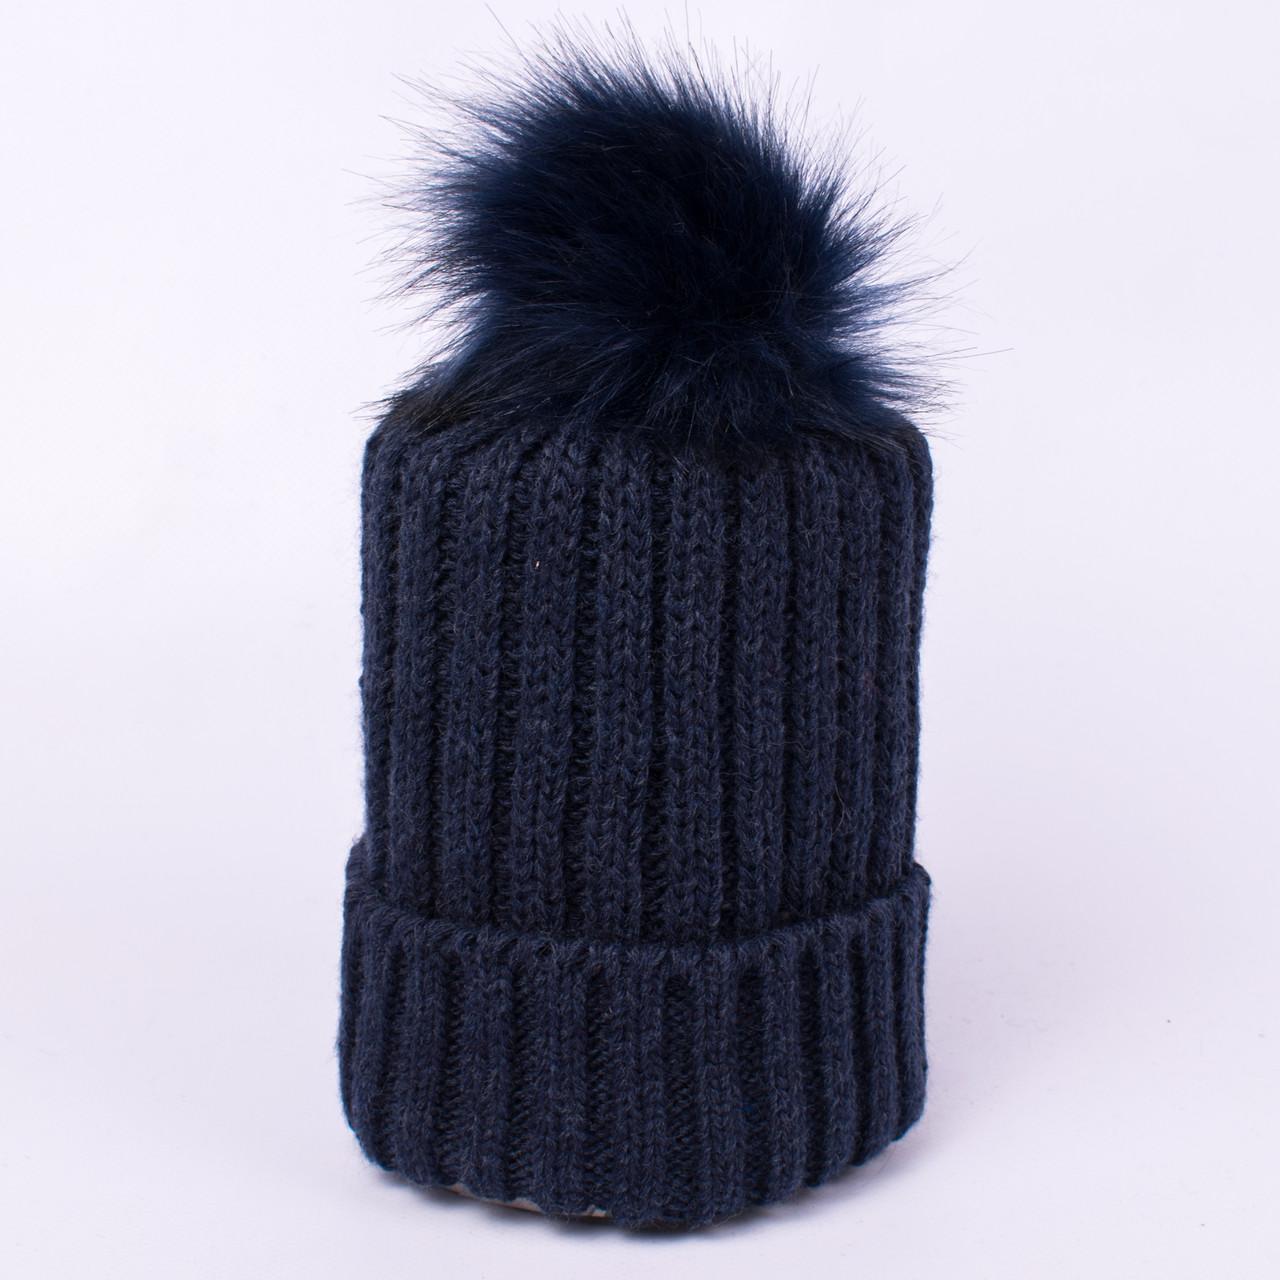 Женская вязаная шапка с помпоном синяя CMF W18-12 08 Paris